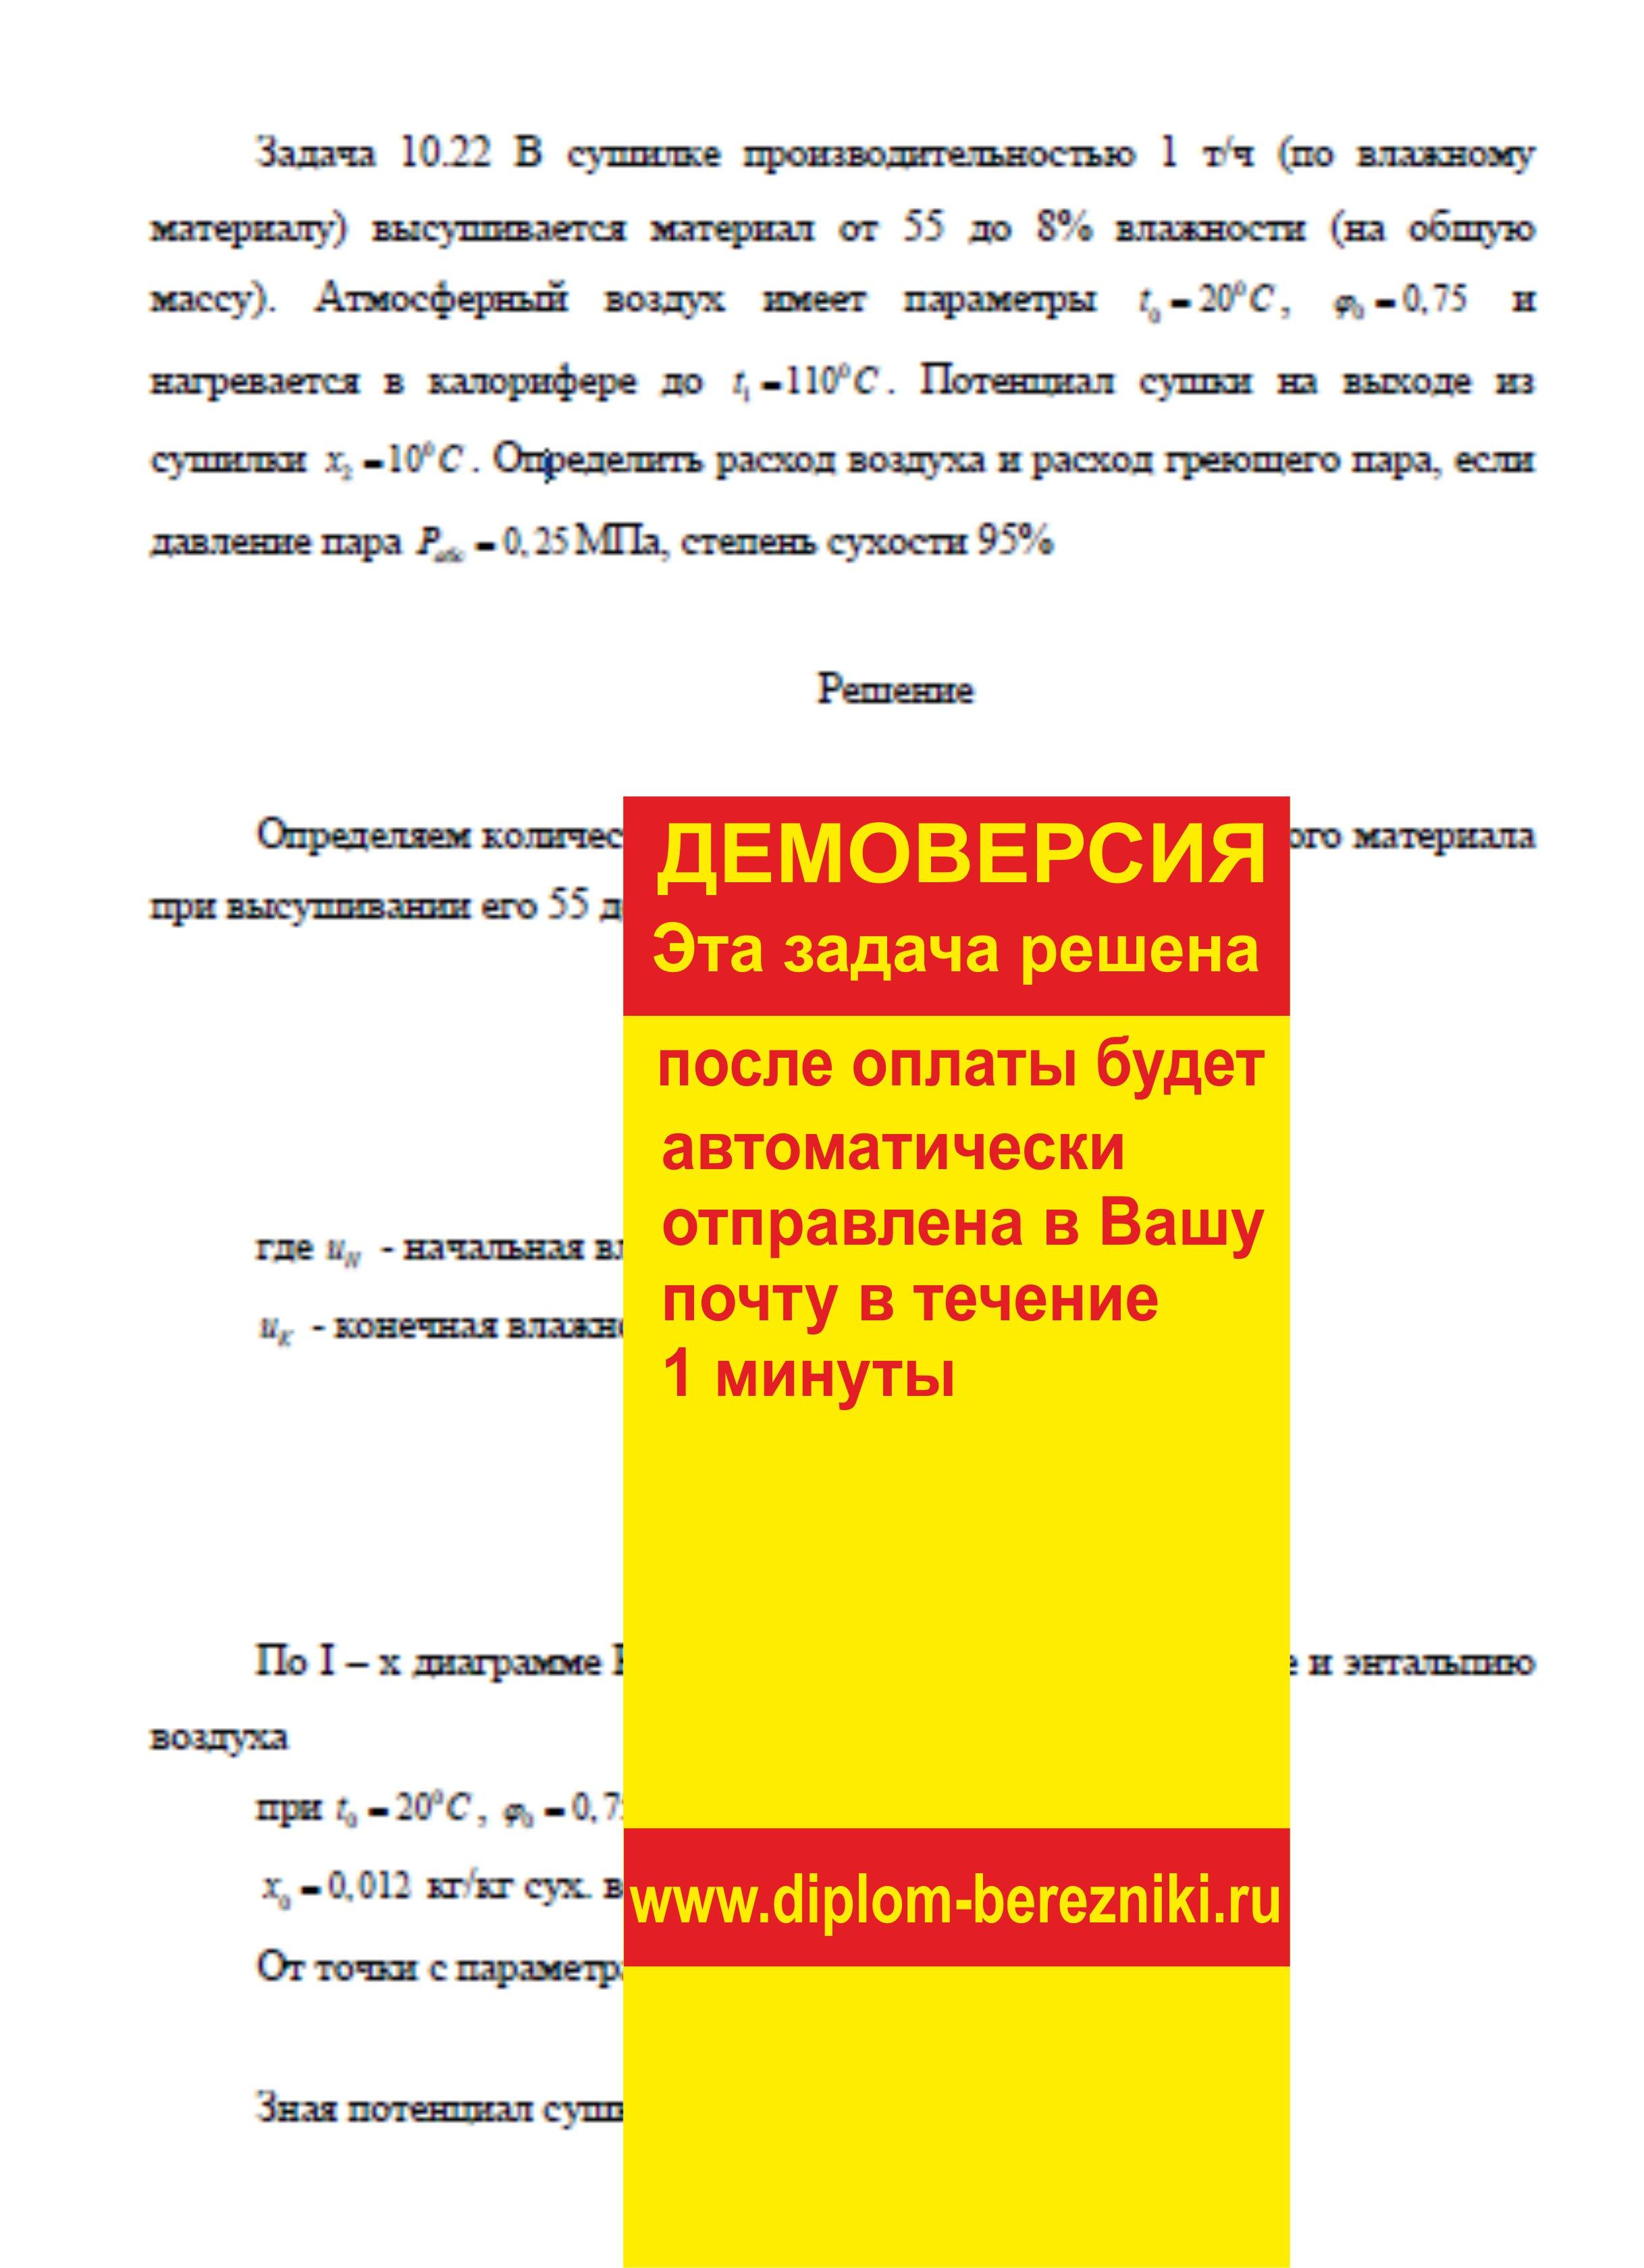 Решение задачи 10.22 по ПАХТ из задачника Павлова Романкова Носкова